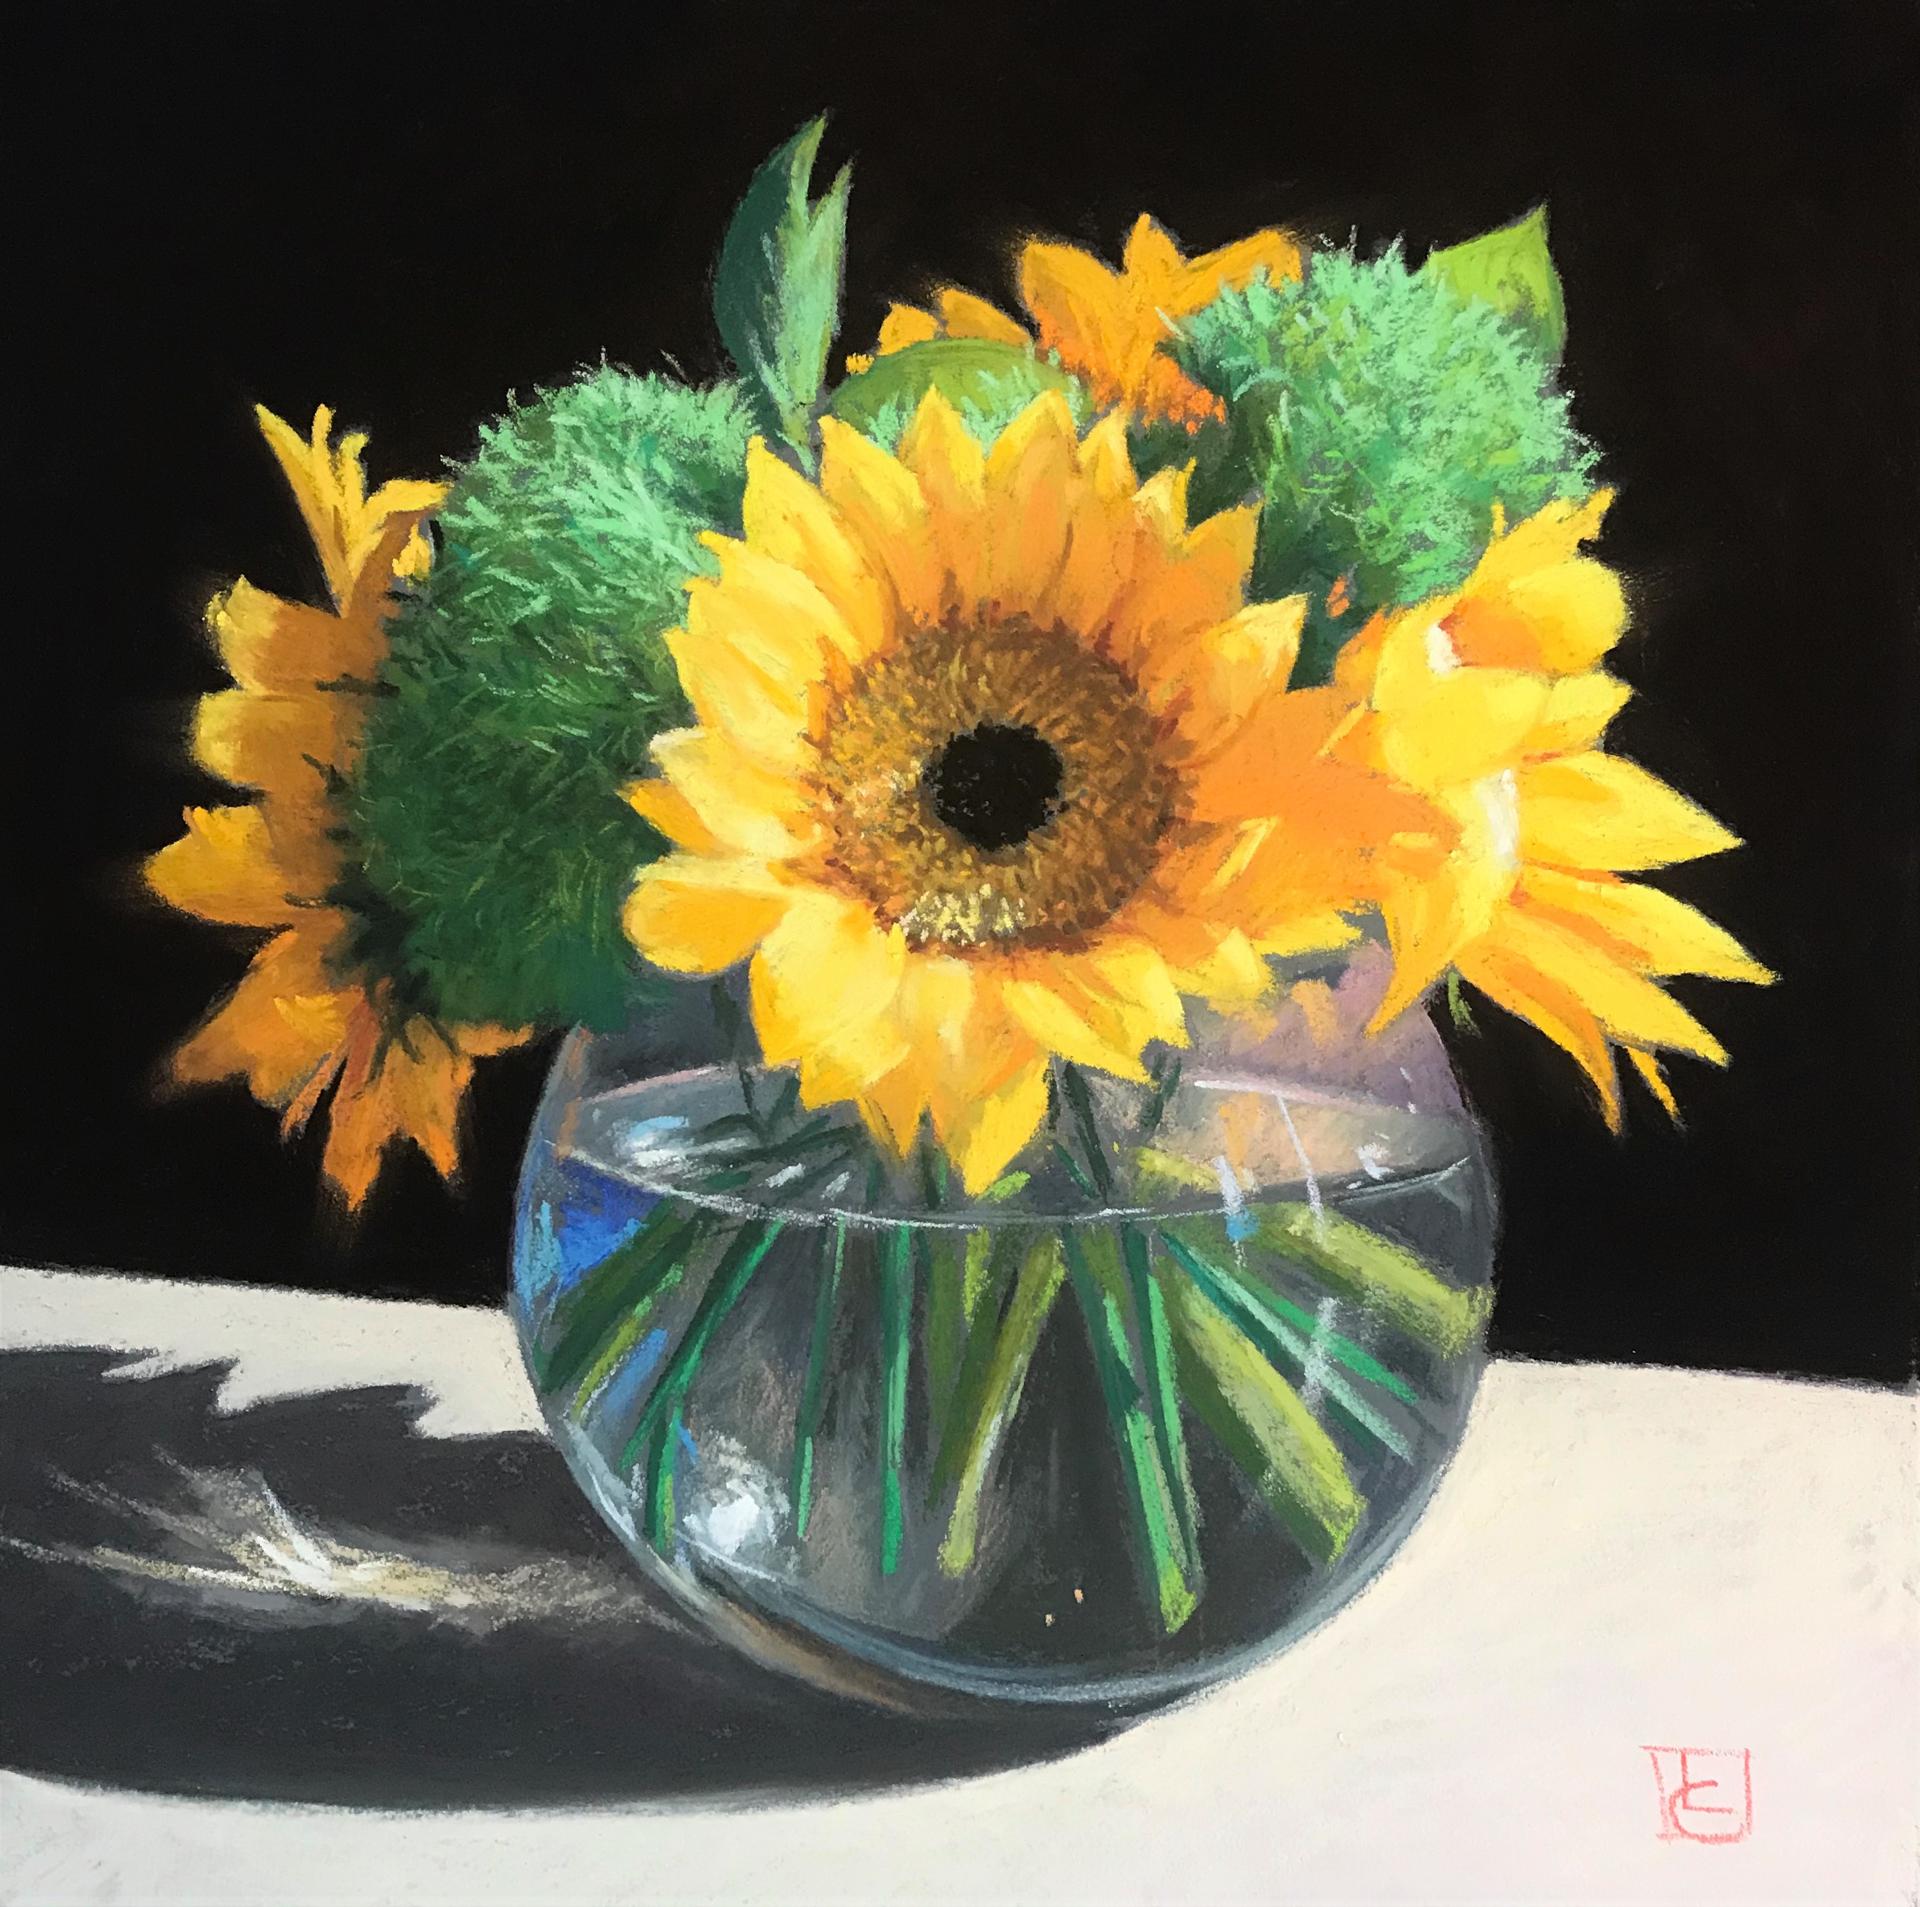 Yellow Sunflowers by Lisa Gleim